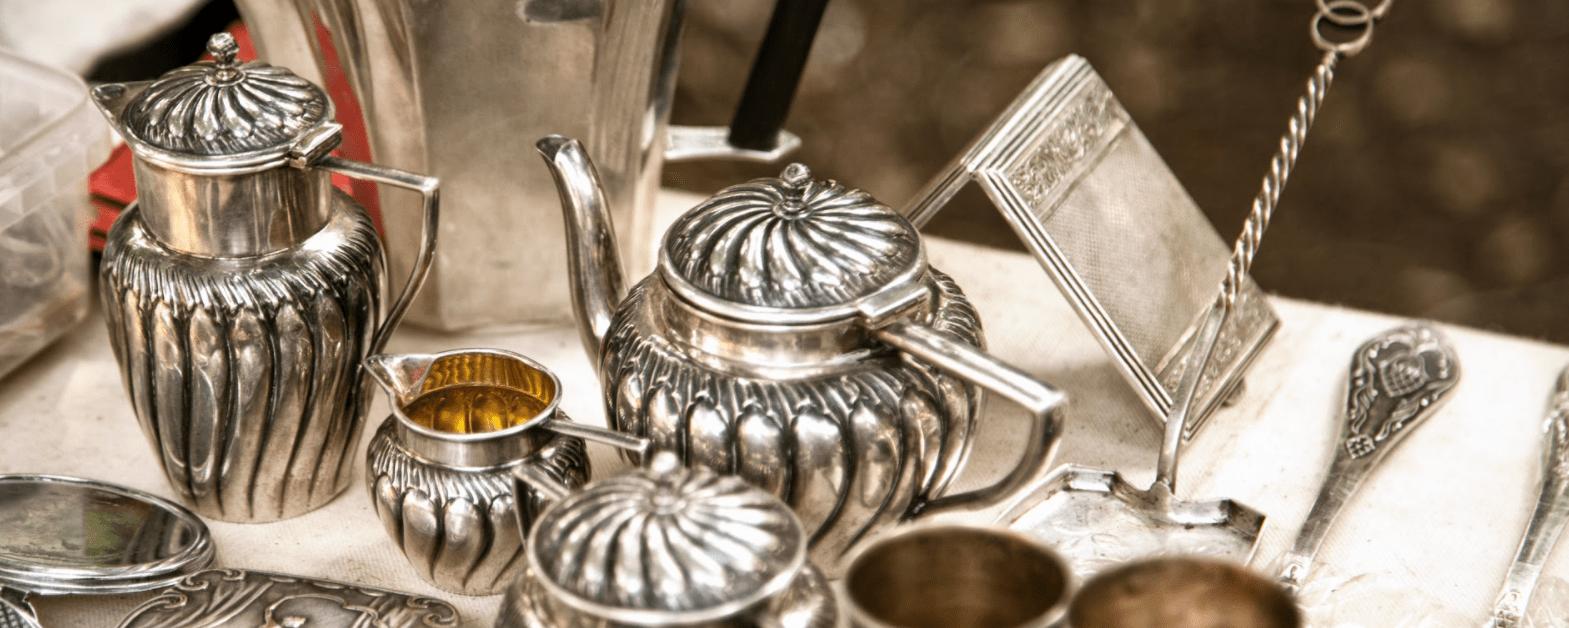 Diverses Silbergeschirr von Leihhaus Hannovera